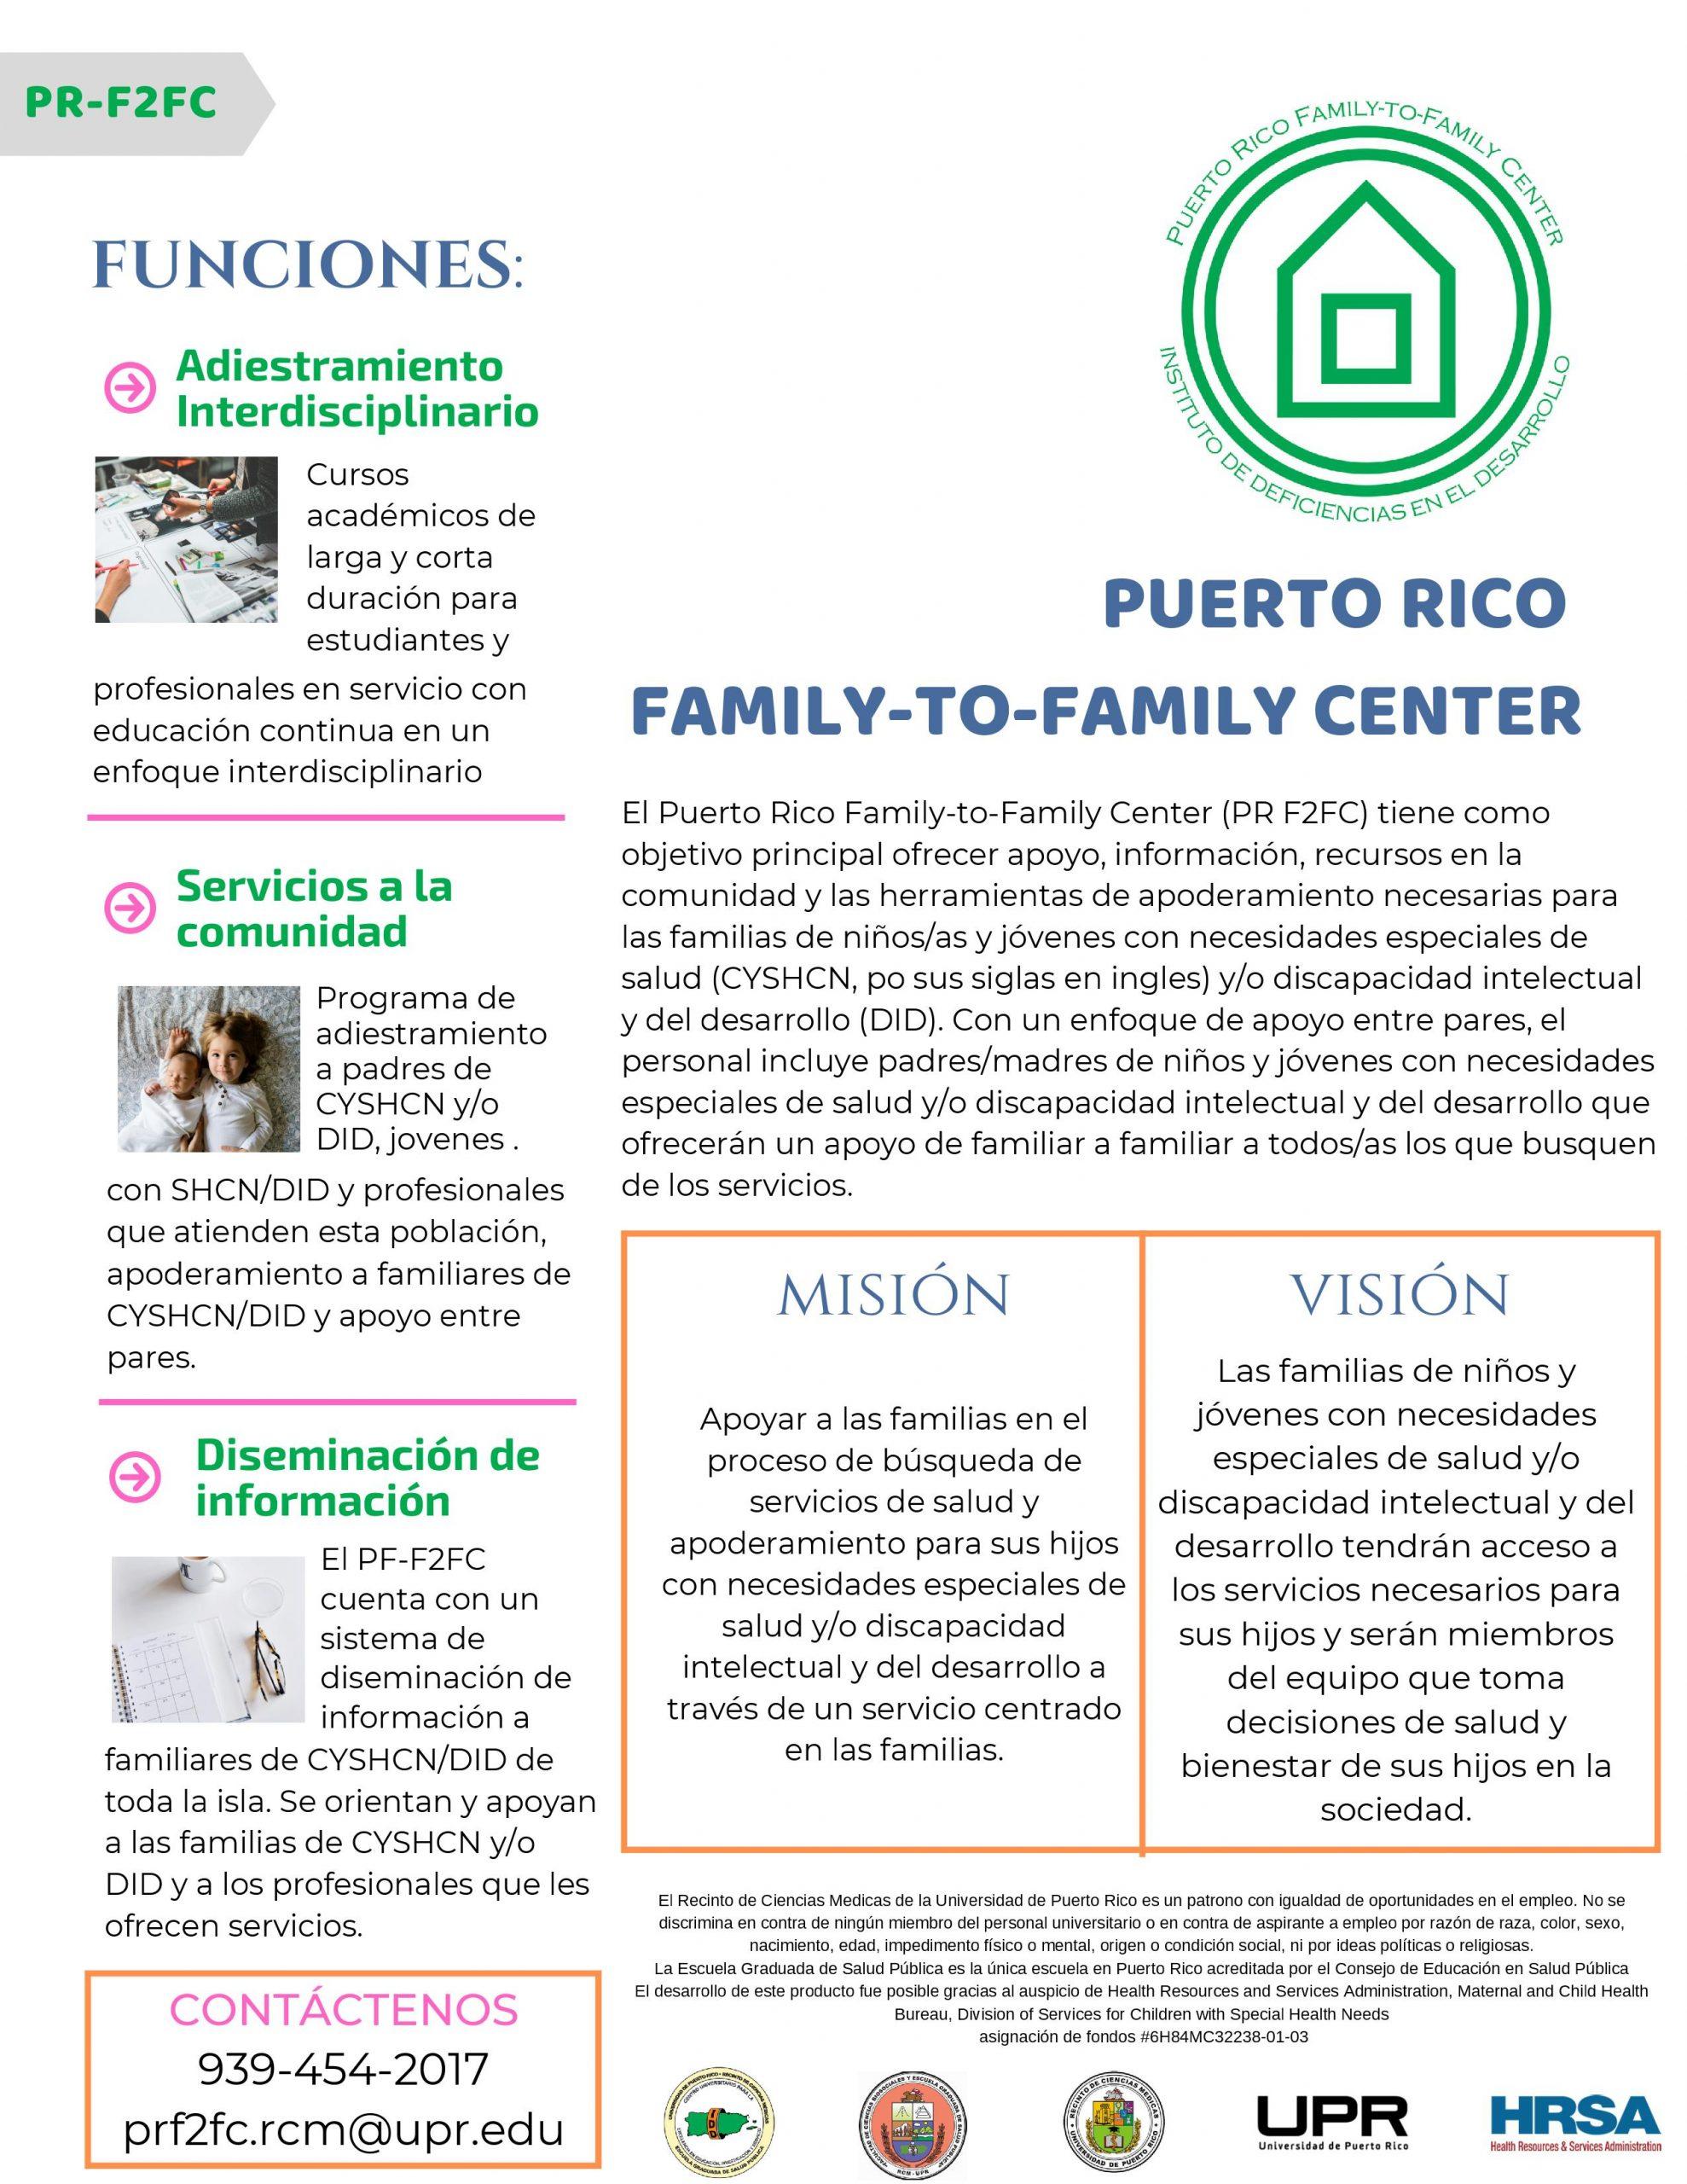 PUERTO RICO FAMILY-TO-FAMILY CENTER